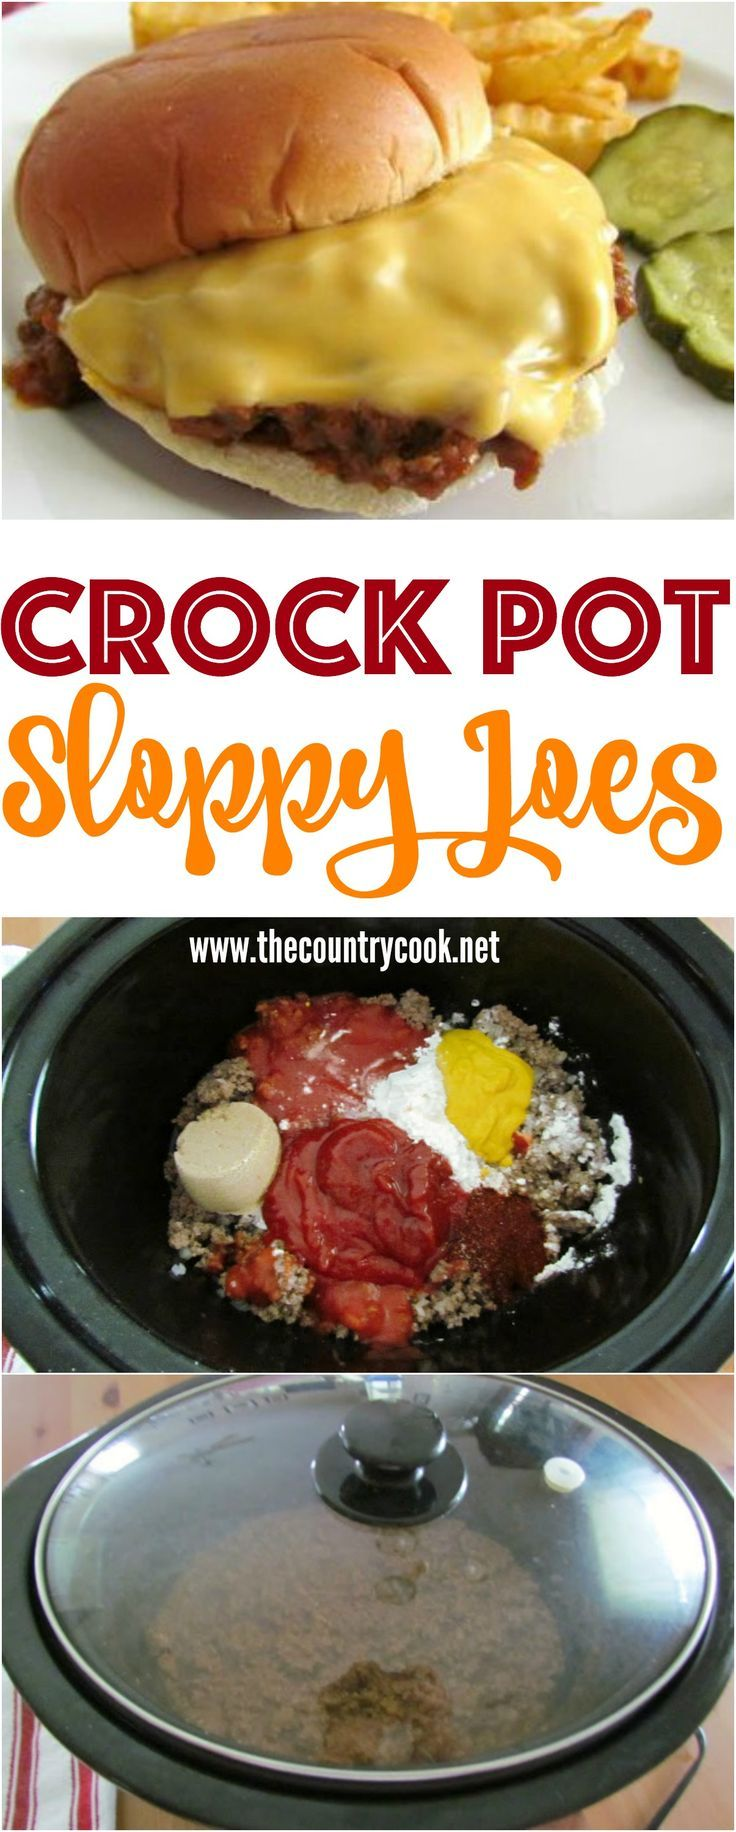 Crock pot sloppy joes #crockpotmeals